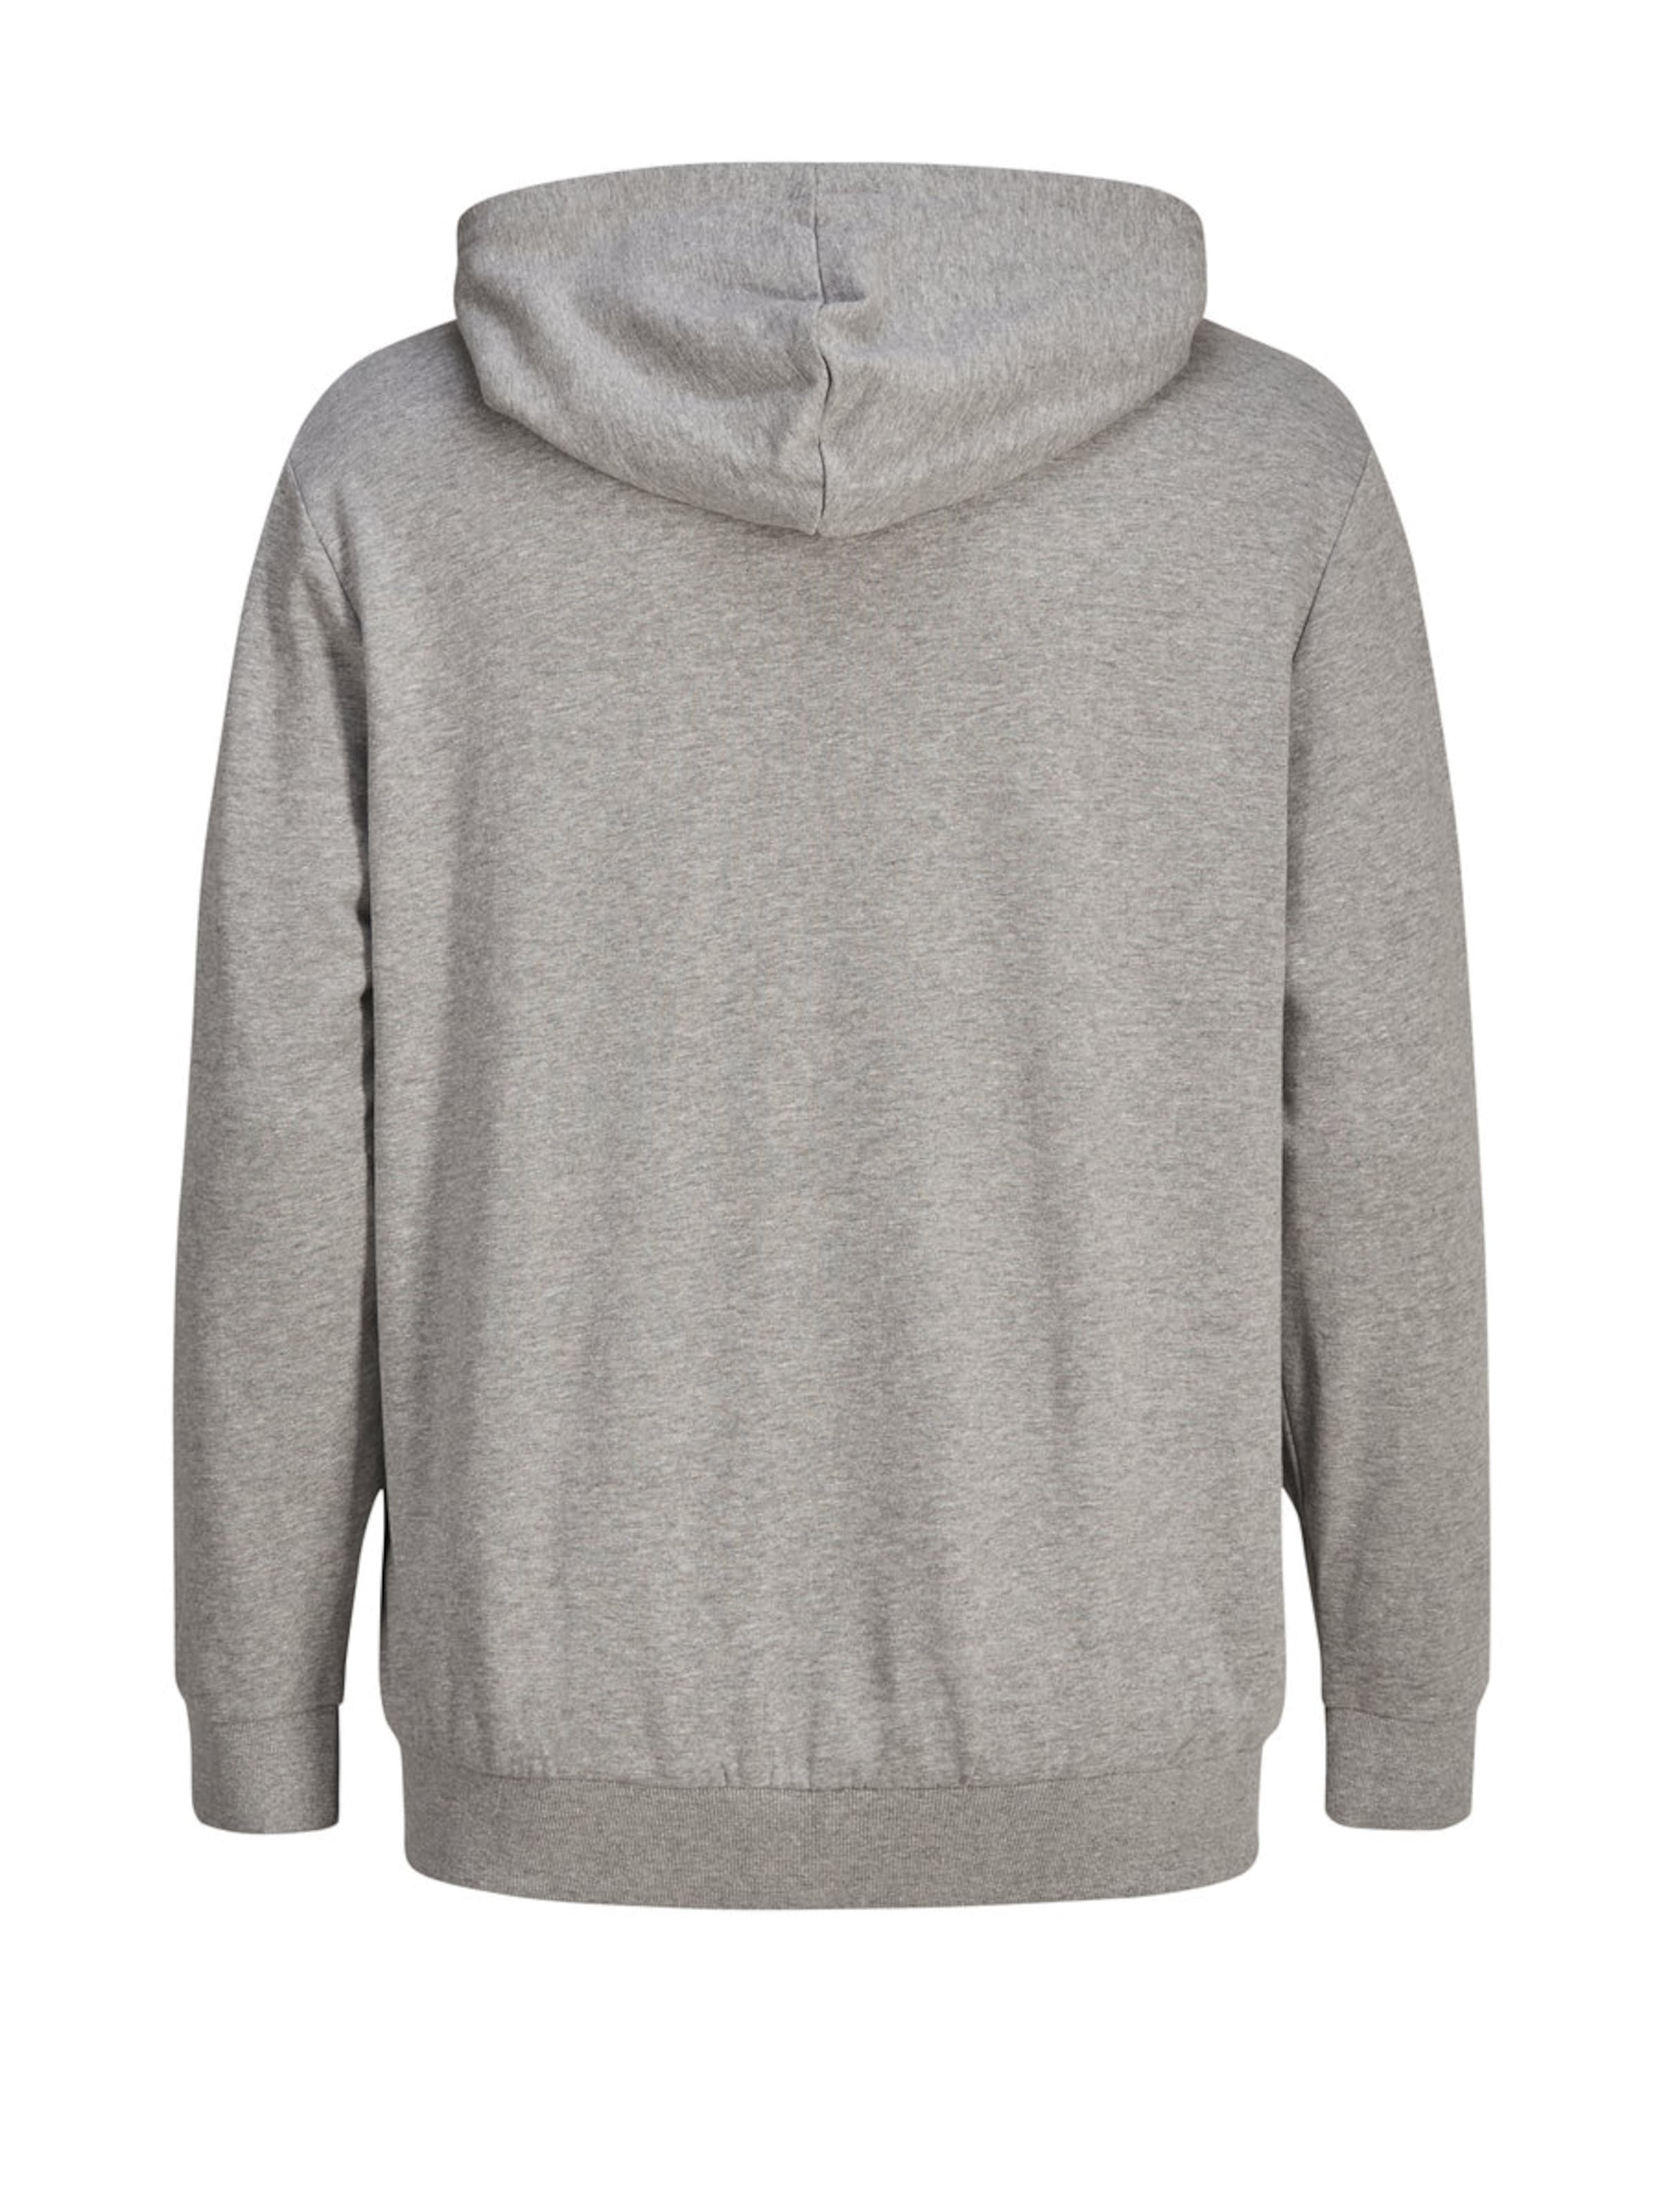 Jackamp; Jones In Jones In Jackamp; Graumeliert Graumeliert Sweatshirt Jackamp; Sweatshirt u5lTFc1KJ3